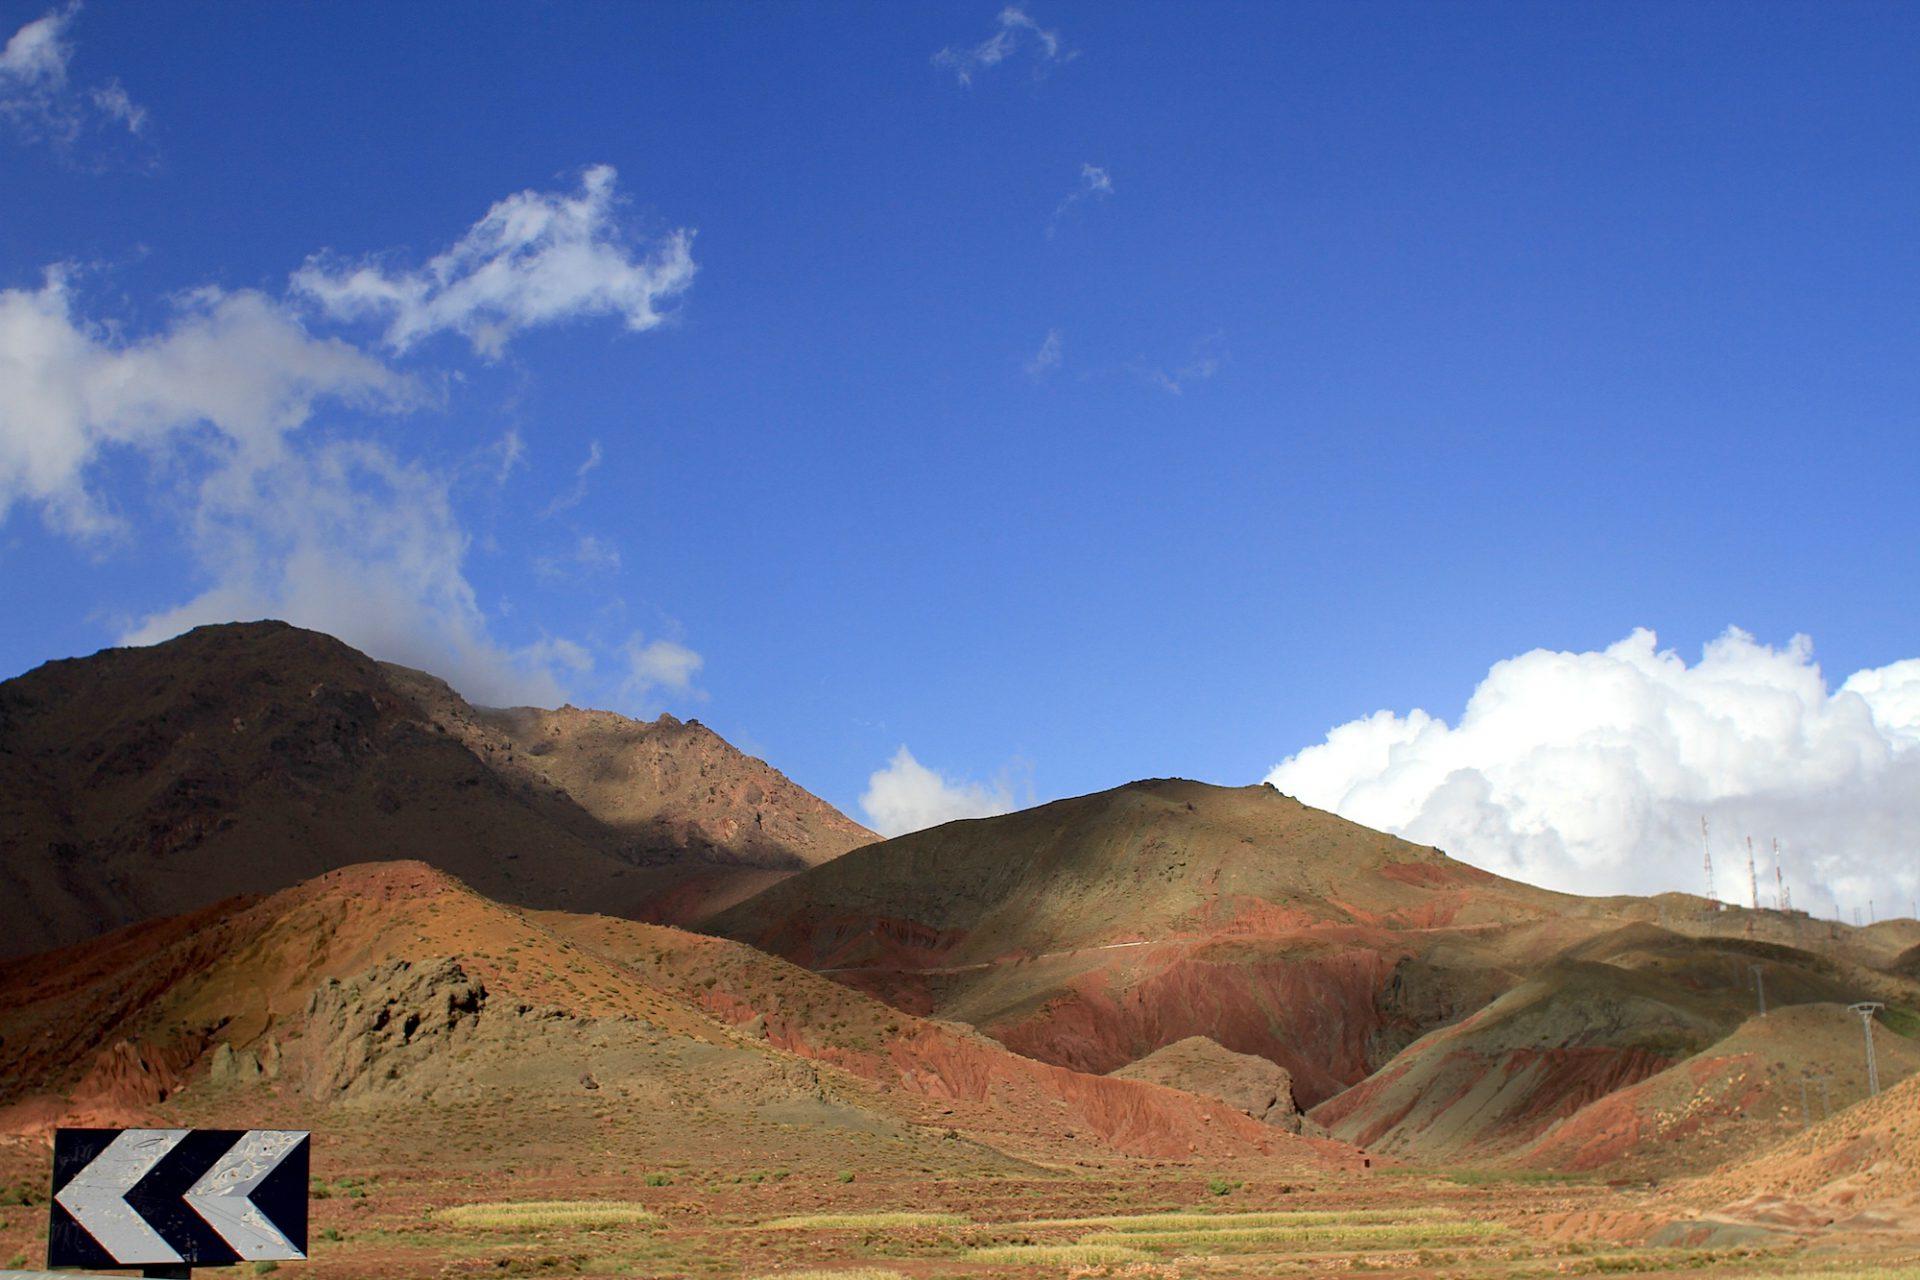 200 km. Fahrtstrecke: Marrakesch – Ait Ben Haddou